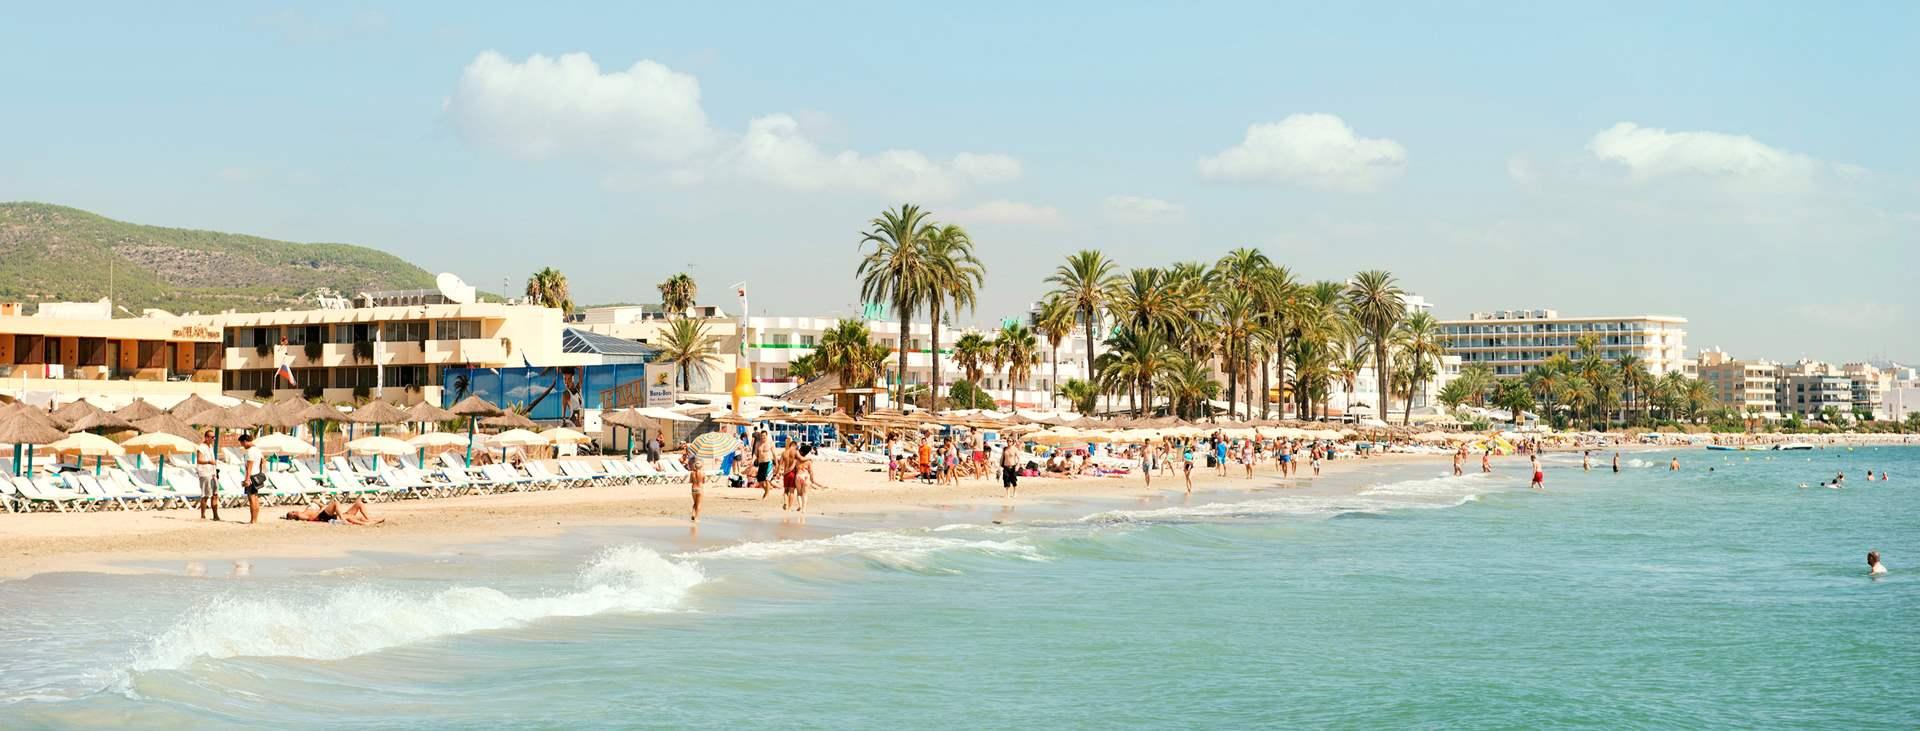 Boka din resa till Playa d´en Bossa På Ibiza med Ving